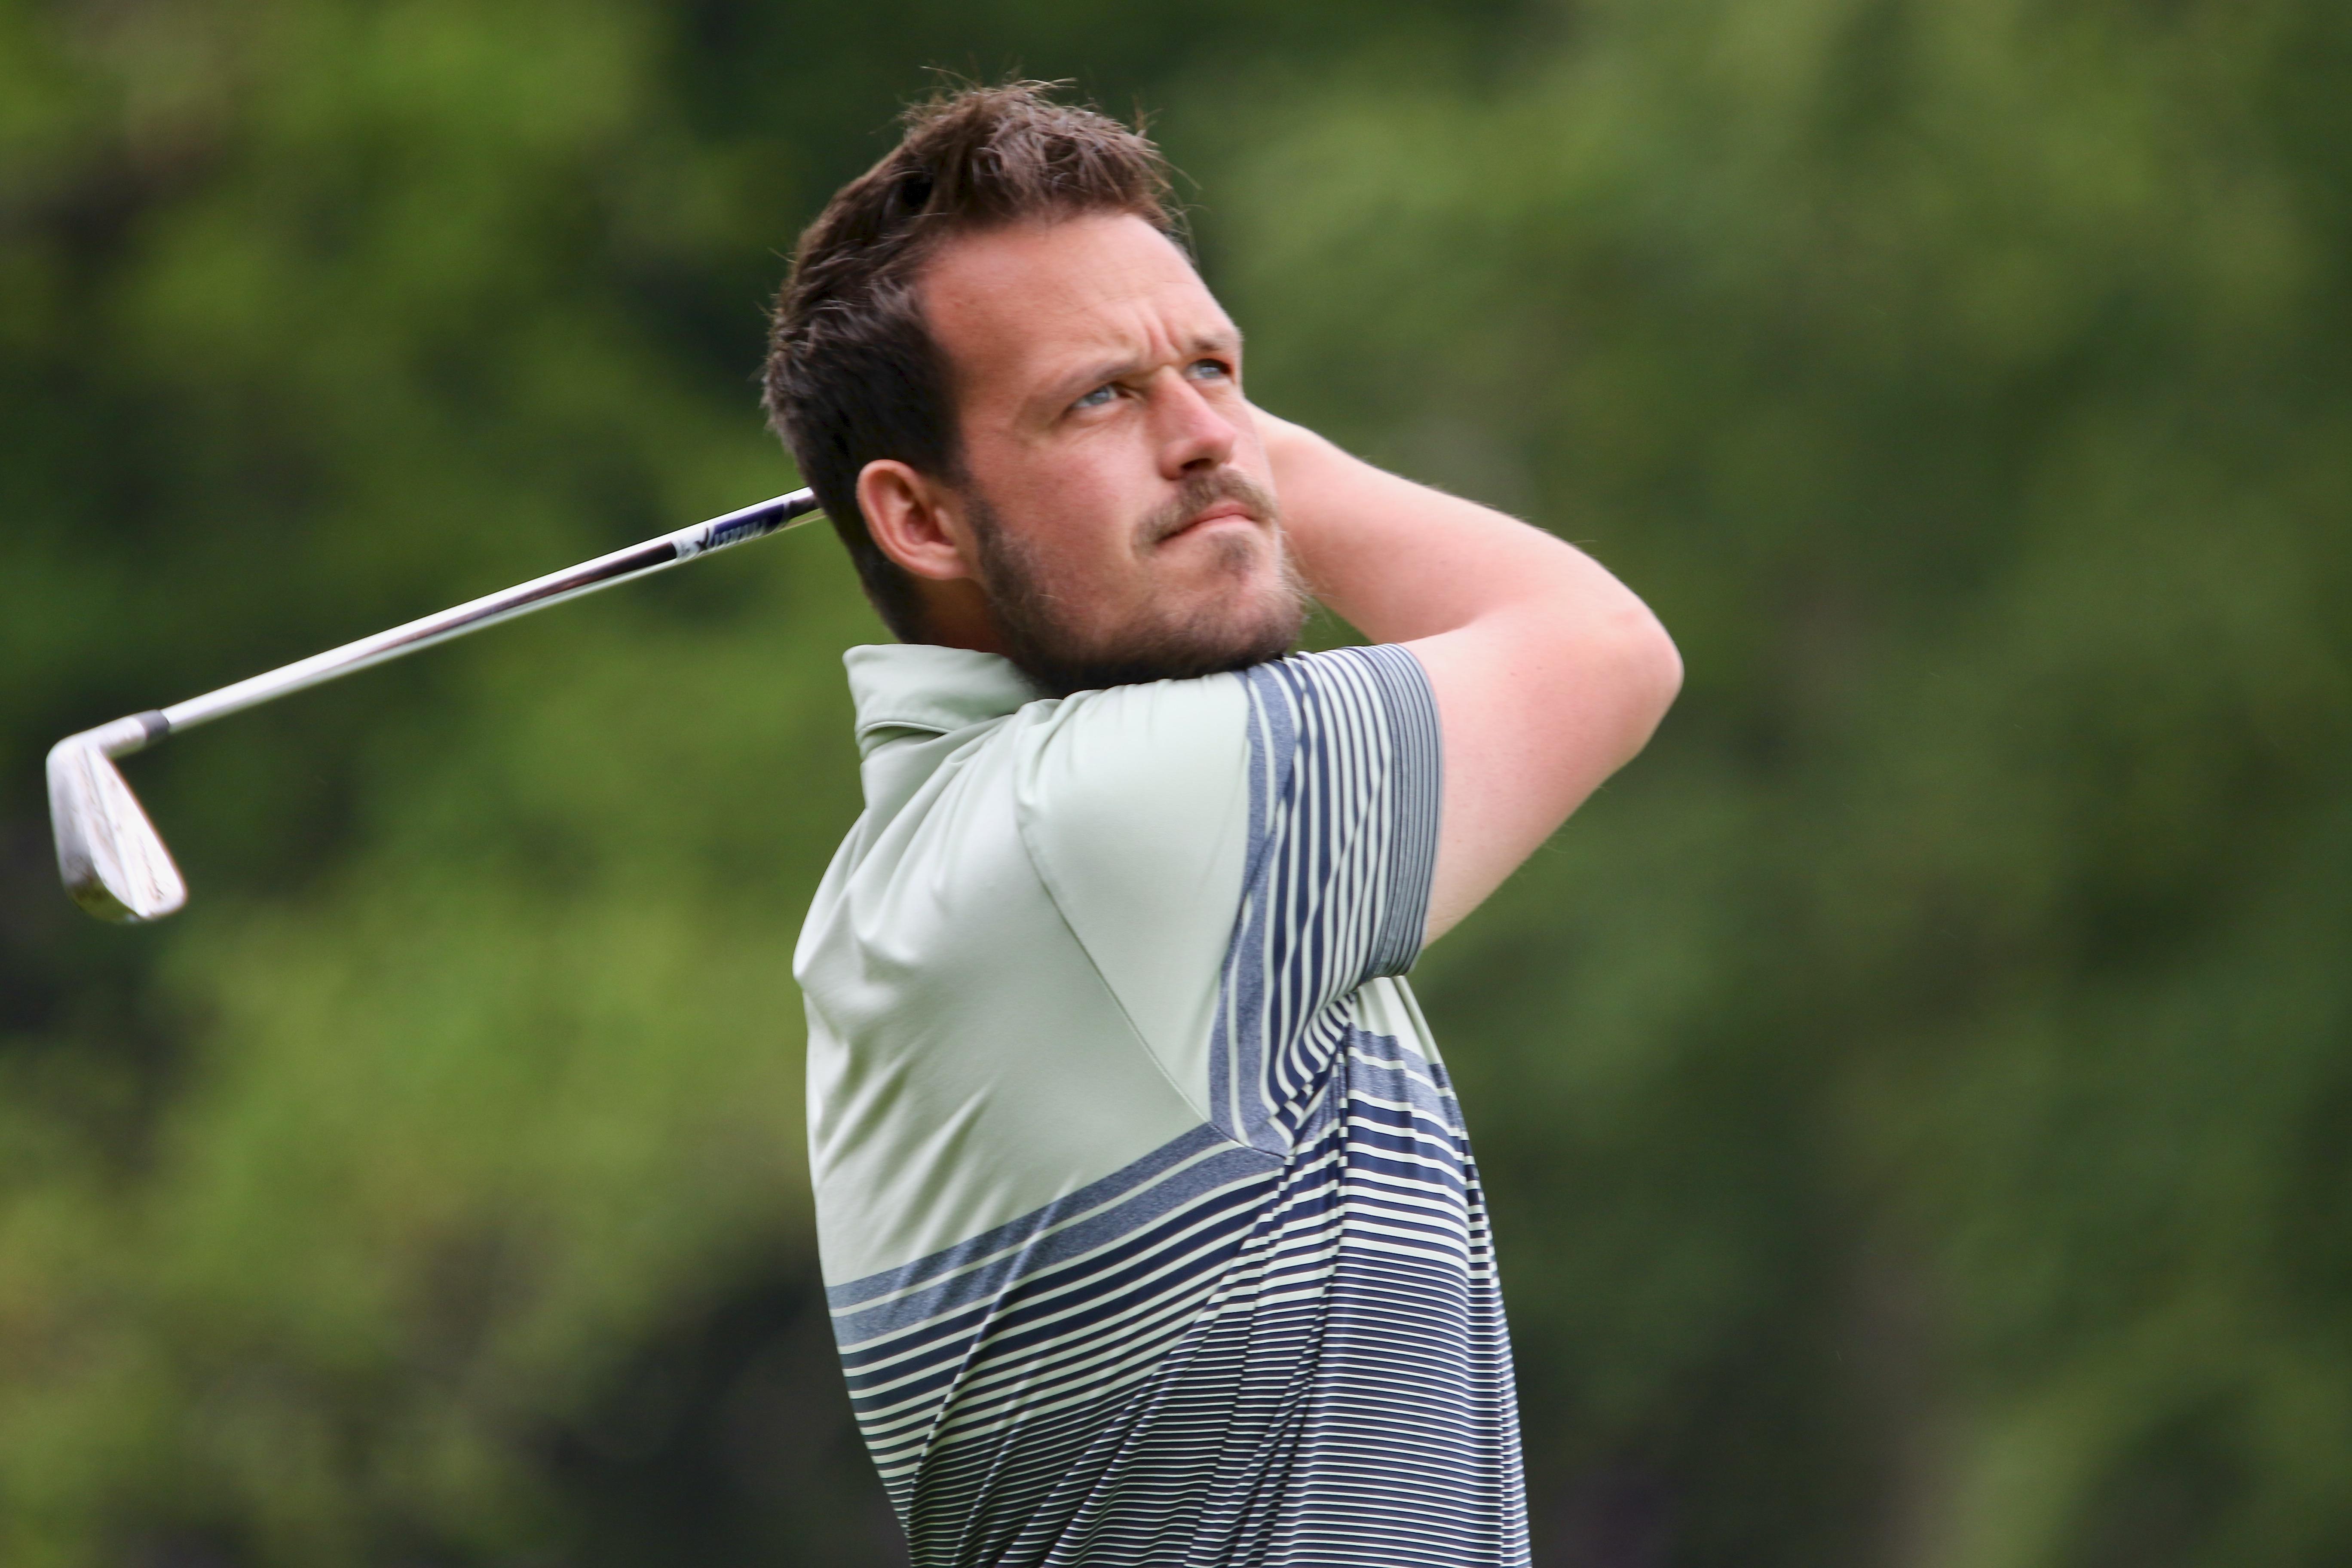 North Hants Golf Club's James Atkins